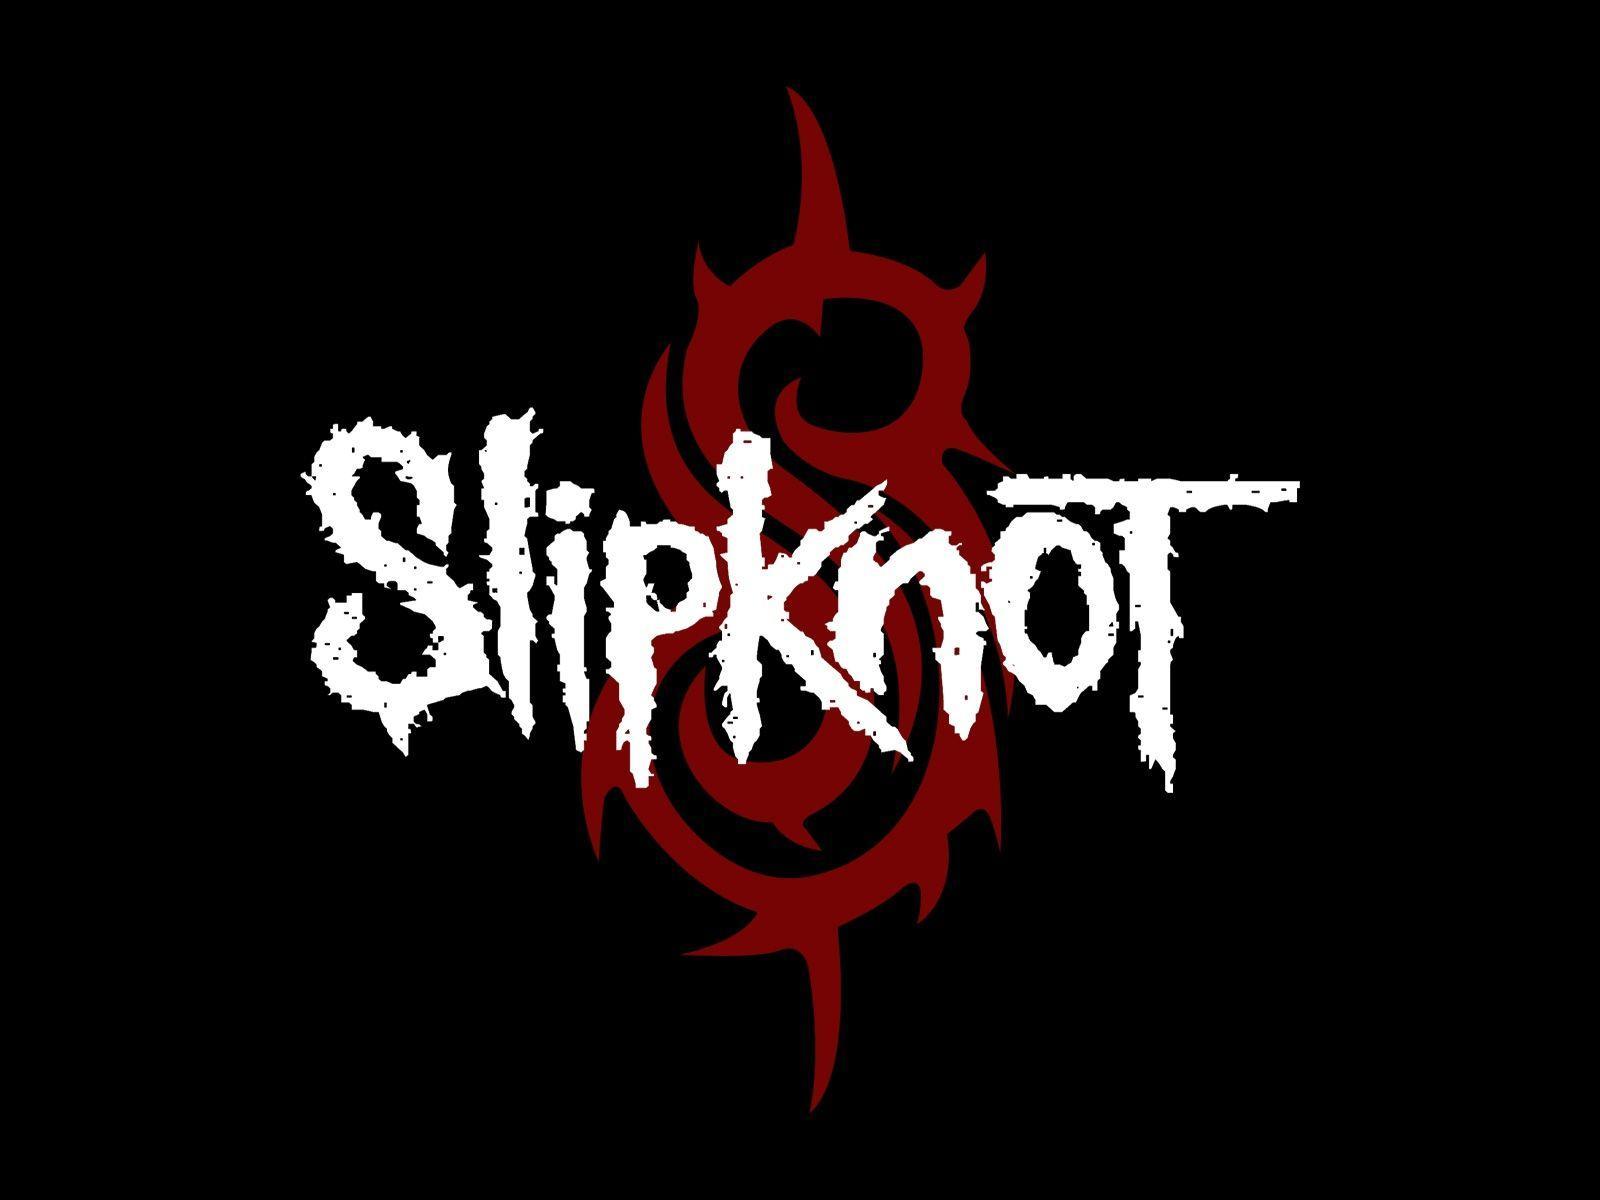 Slipknot Logo Wallpapers 1600x1200